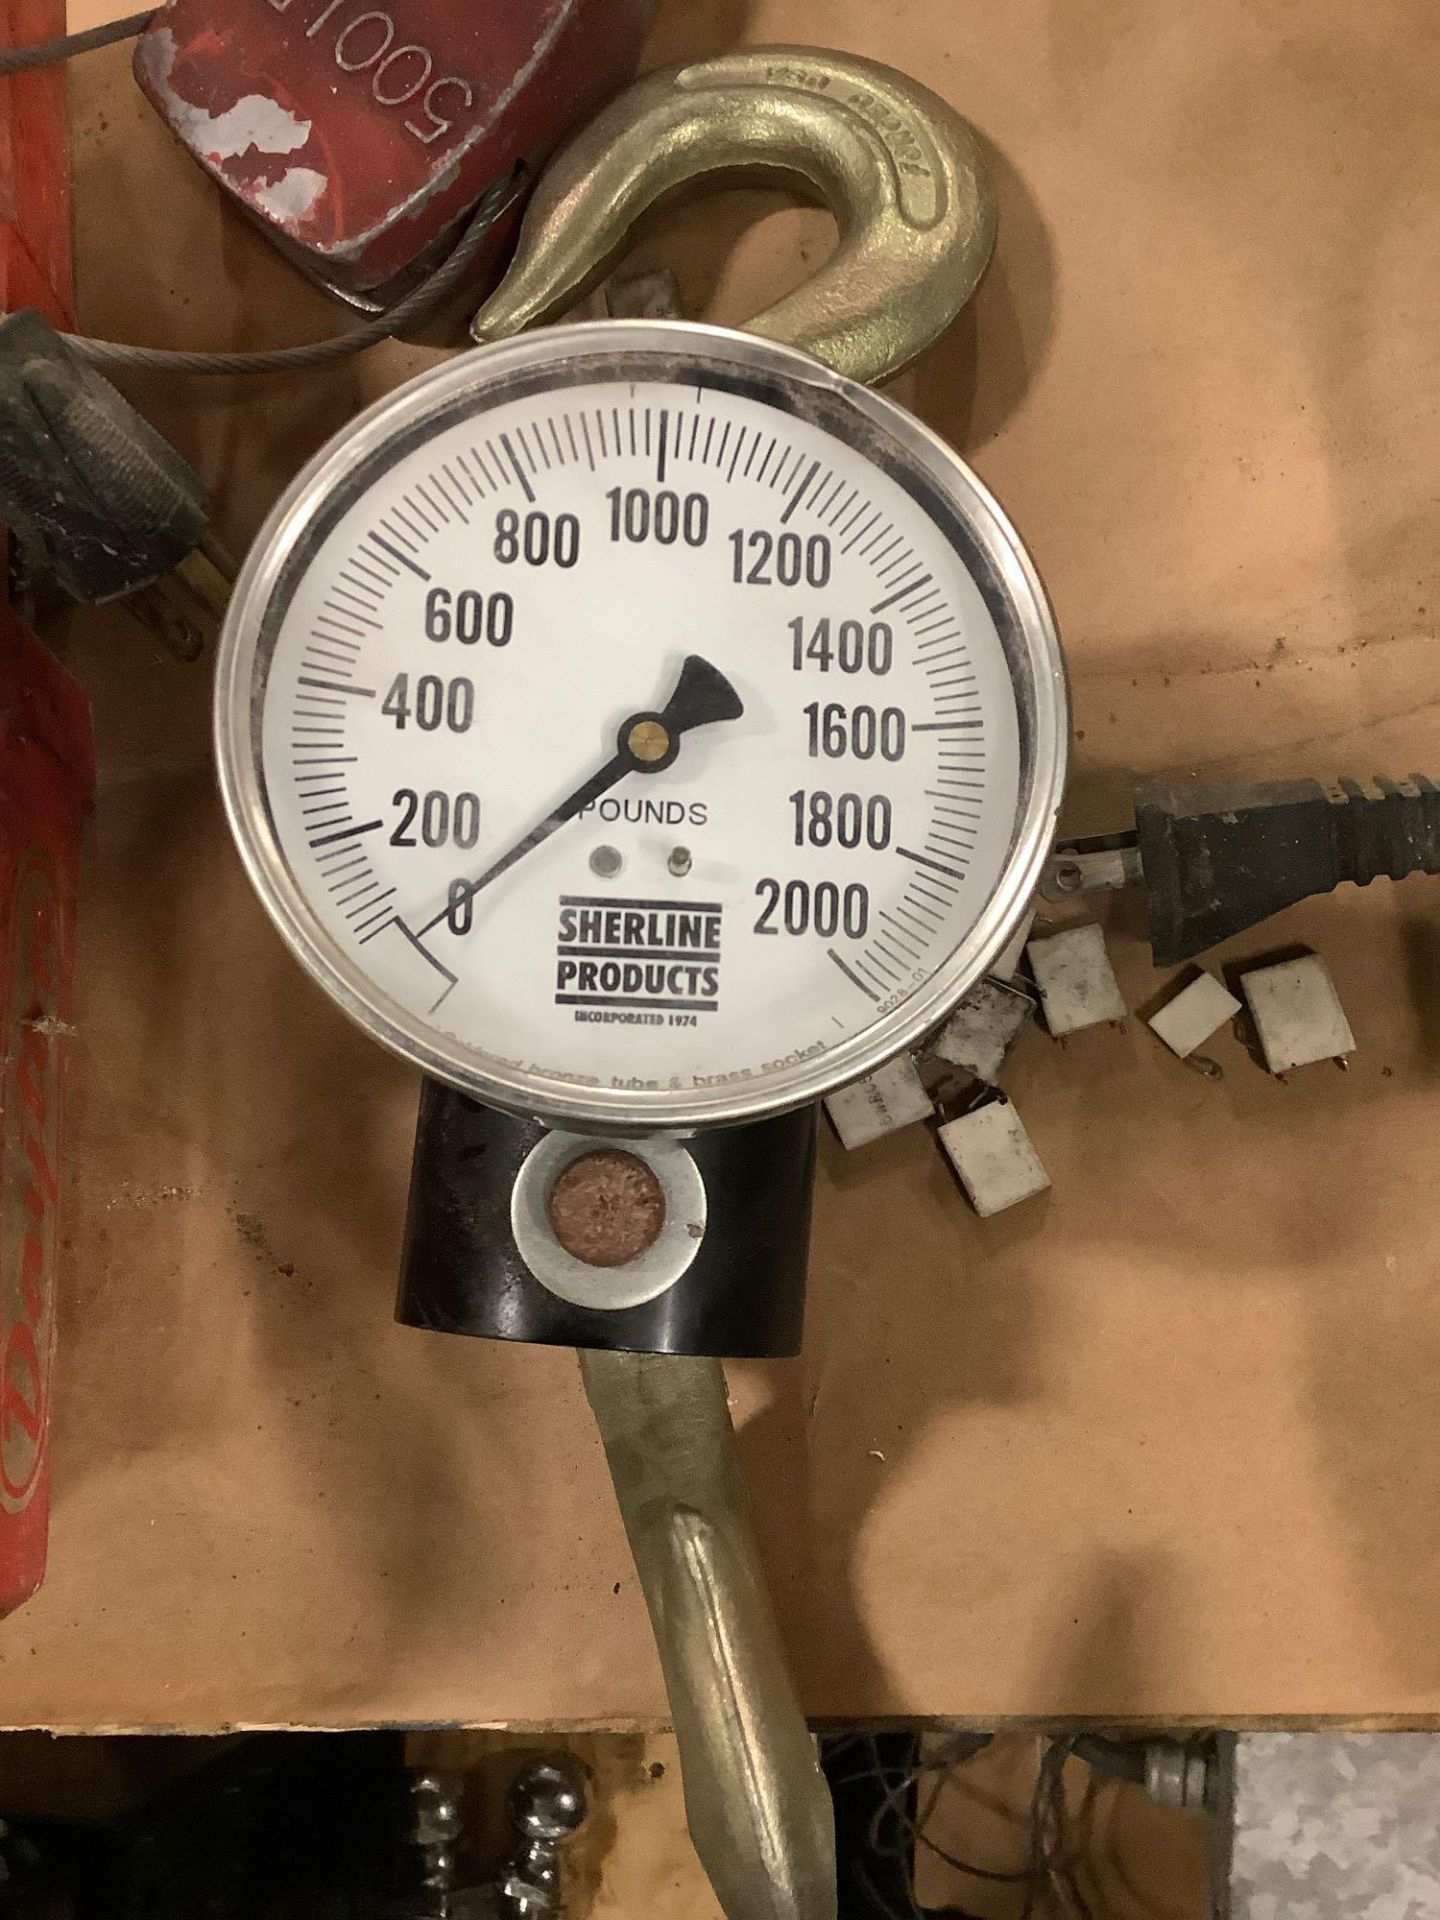 Lot of 2: Dayton 500 lb Hoist, (1) Sherline Scale Max 2000 lb - Image 2 of 4